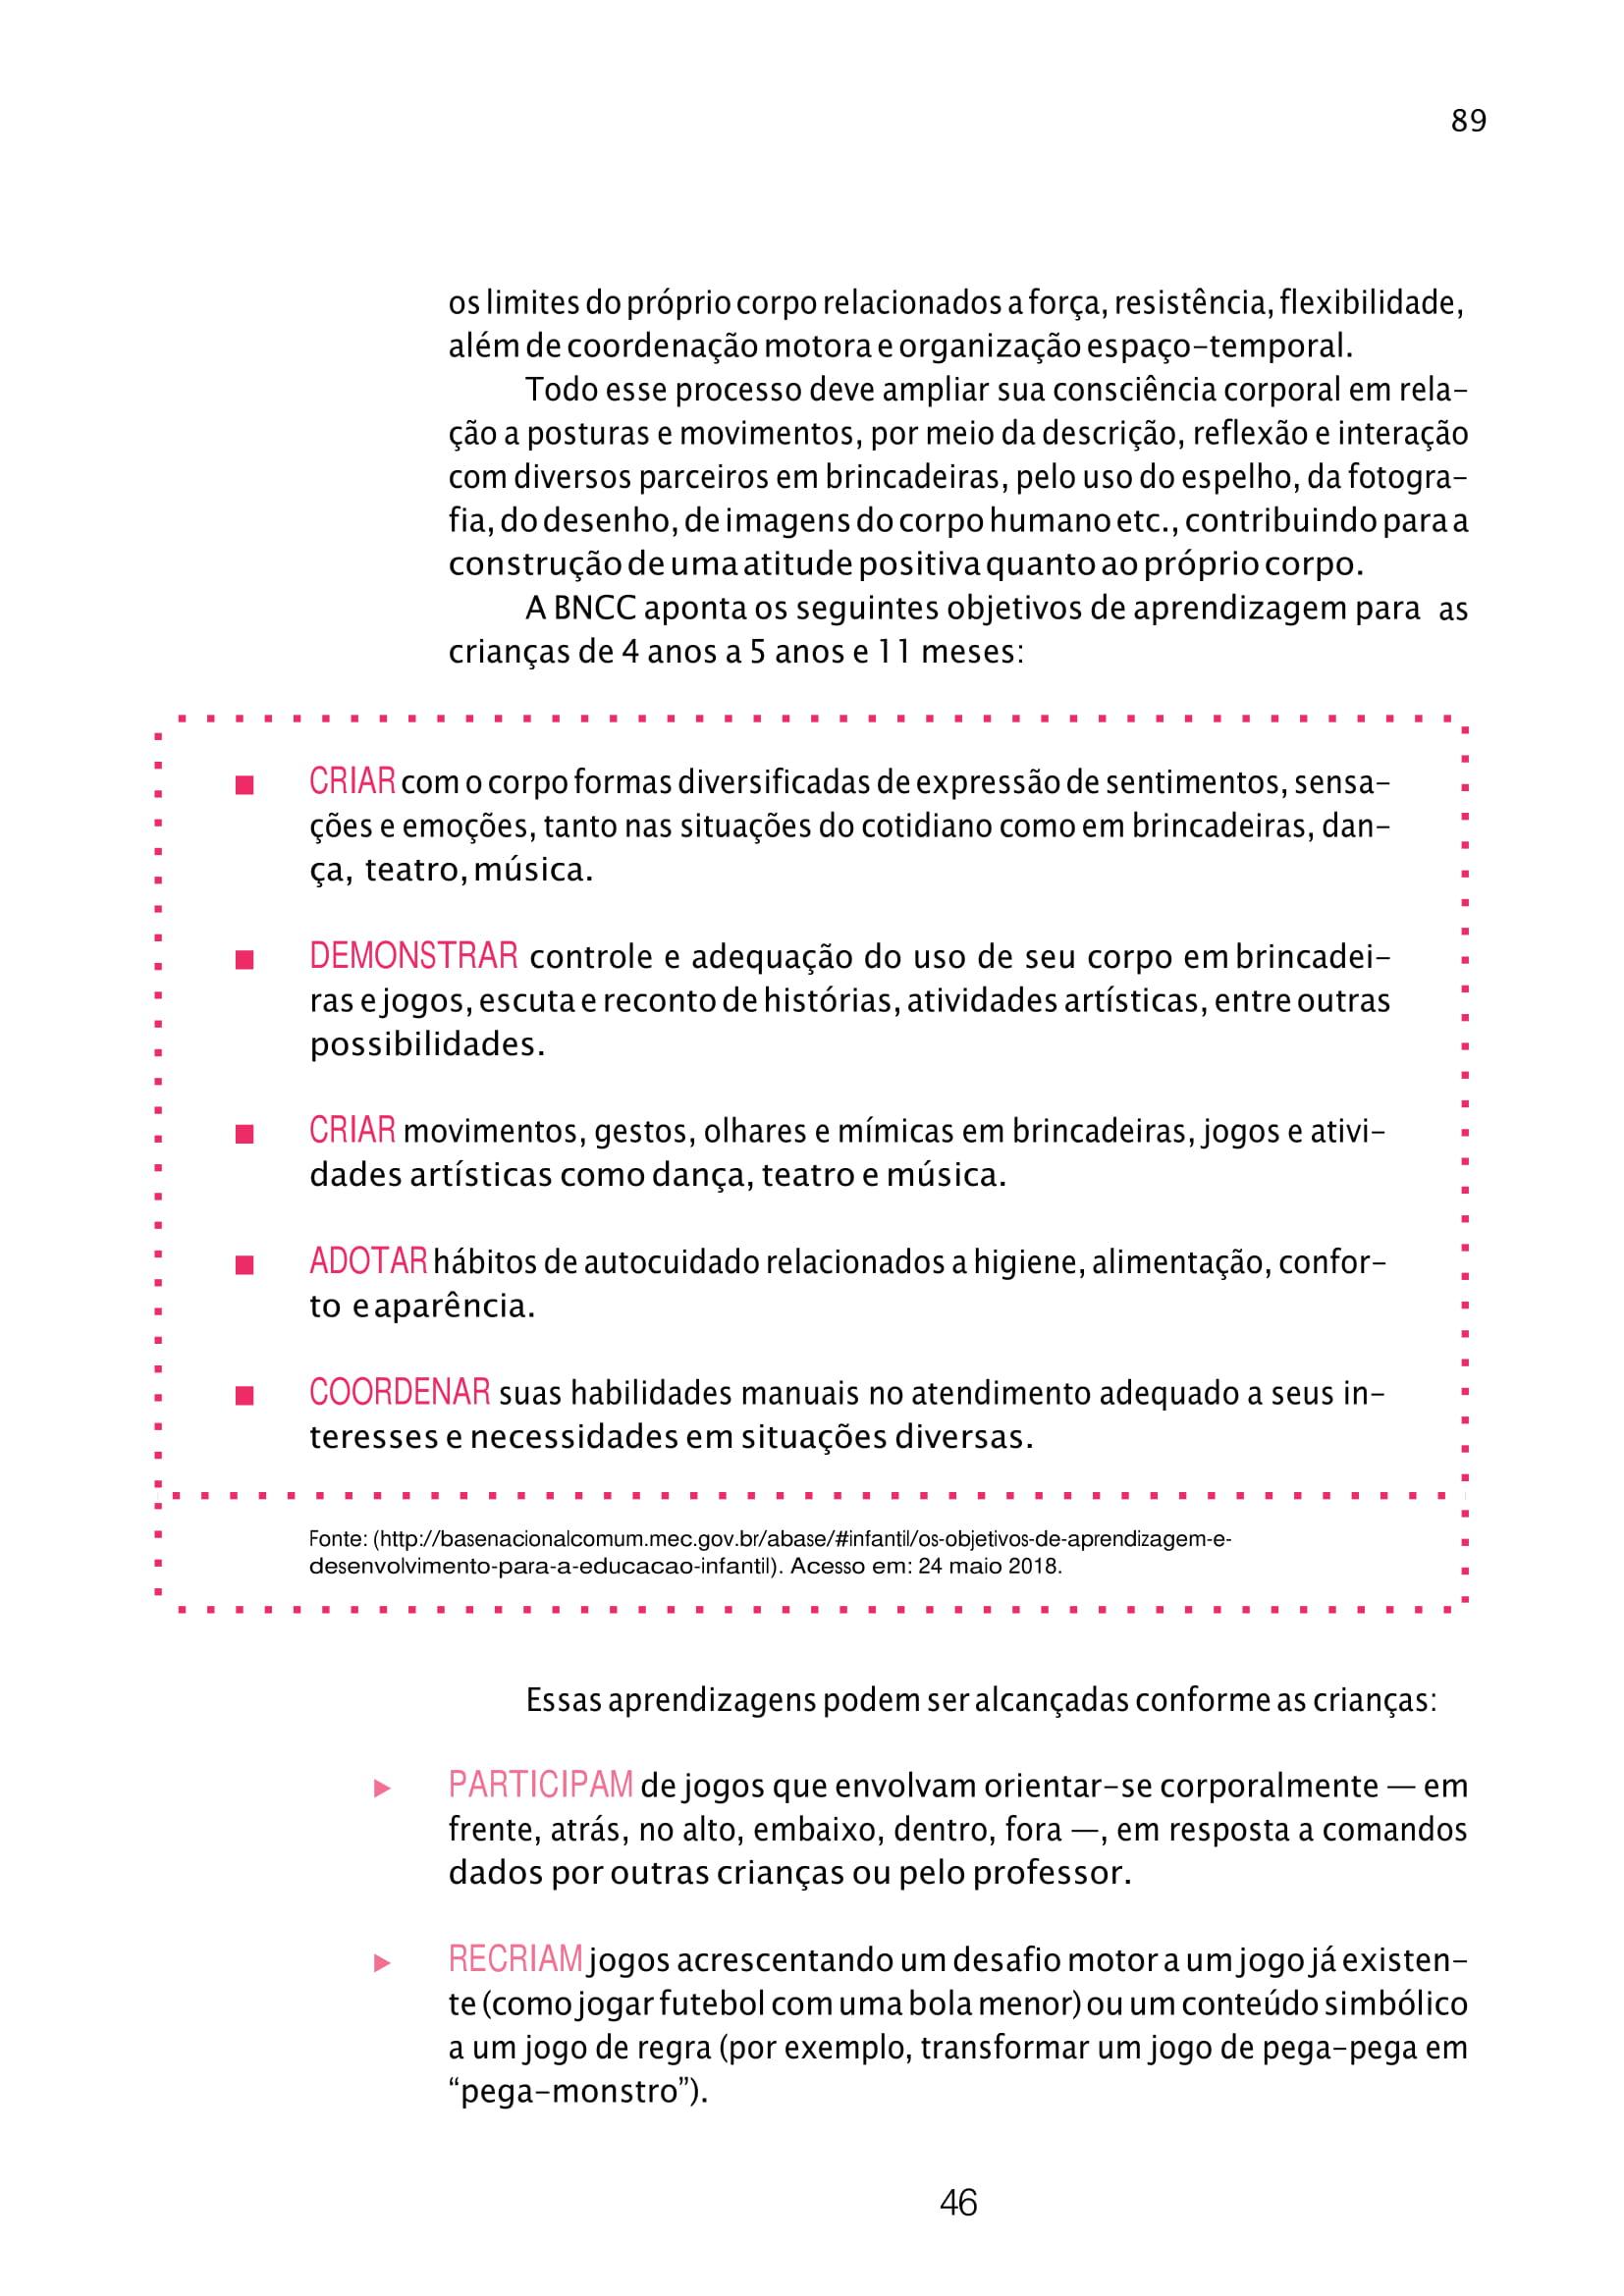 planejamento-educação-infantil-bncc-geral-119